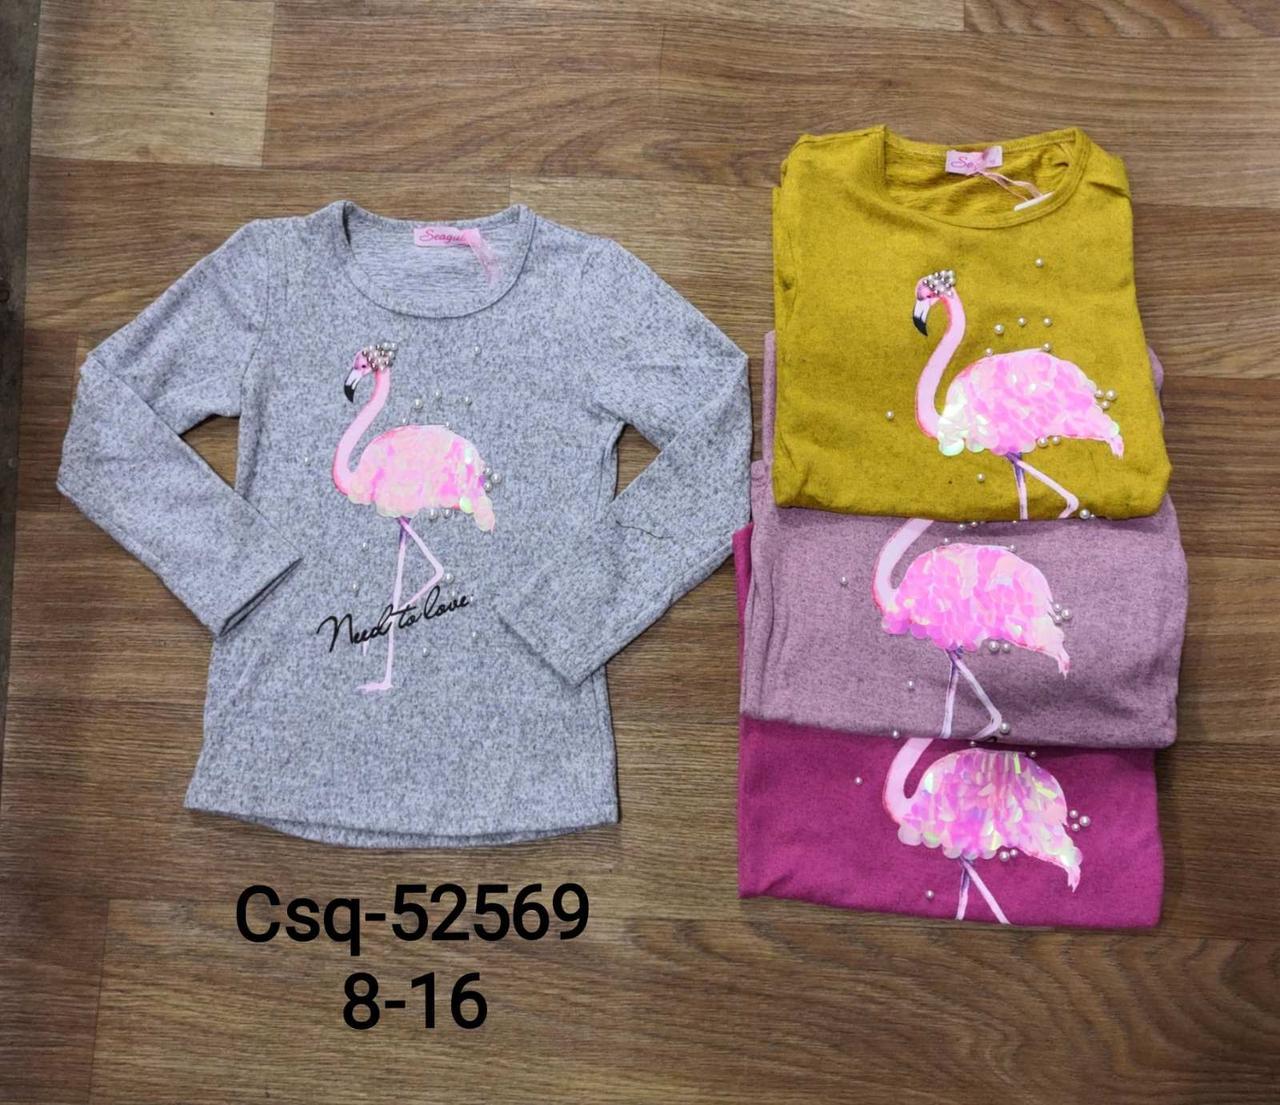 Реглани для дівчаток оптом, Seagull, розміри 8-16 років , арт. CSQ-52569